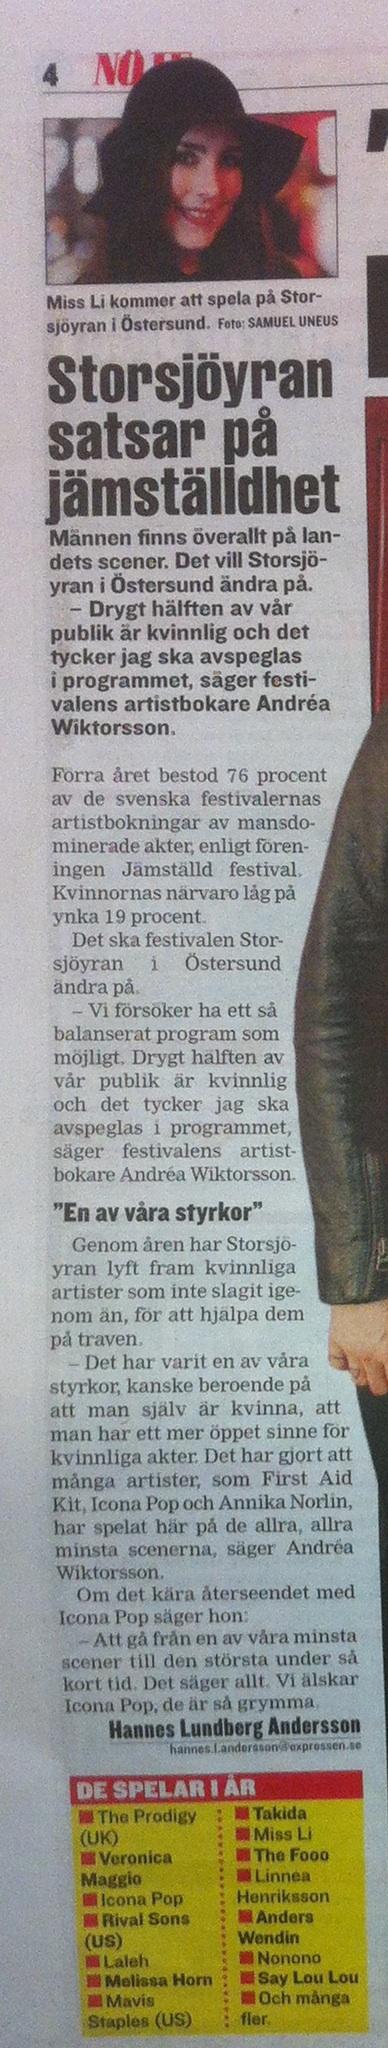 Expressen-Yran-2014.jpg